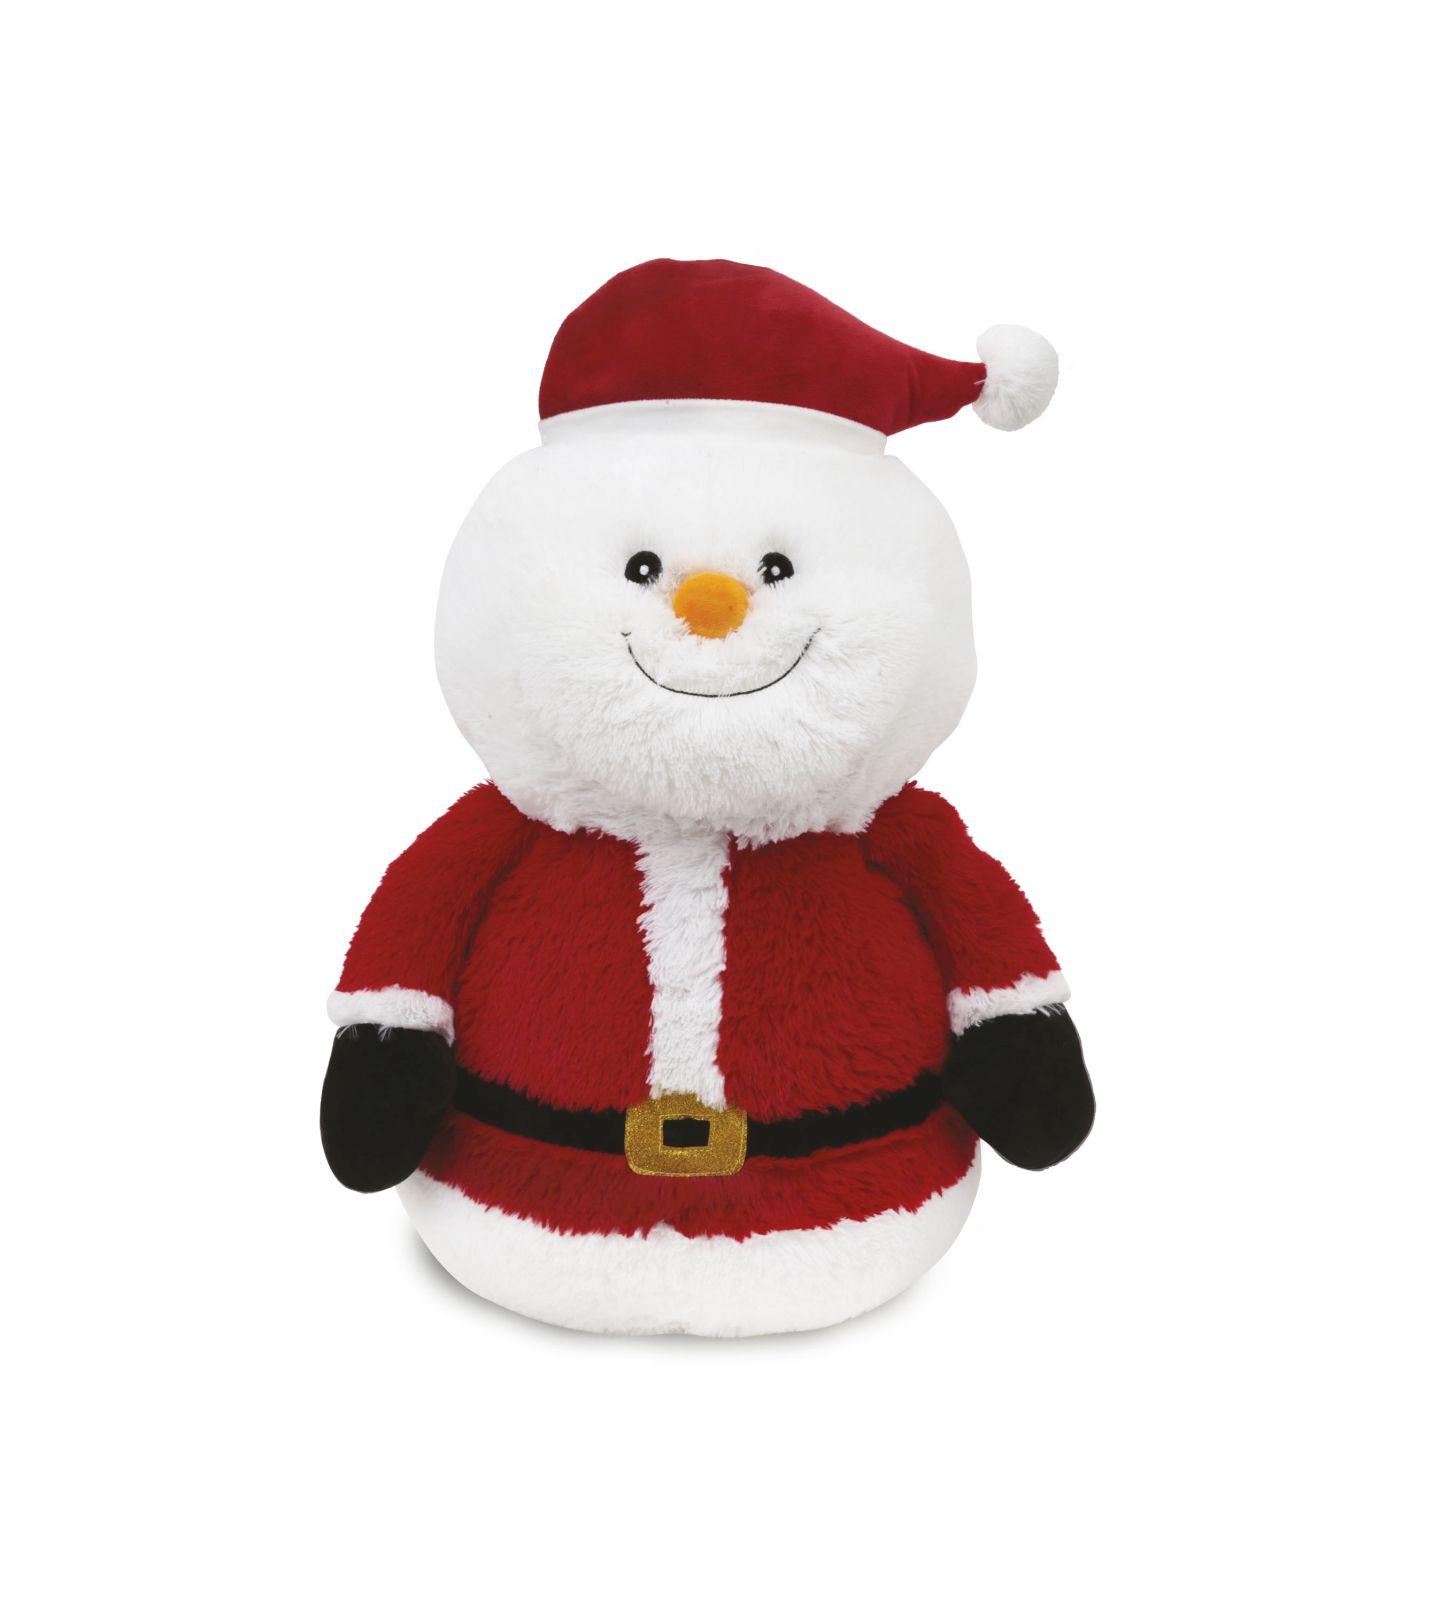 Babbo Natale Peluche.Ami Plush Peluche Pupazzo Di Neve E Babbo Natale Toys Center